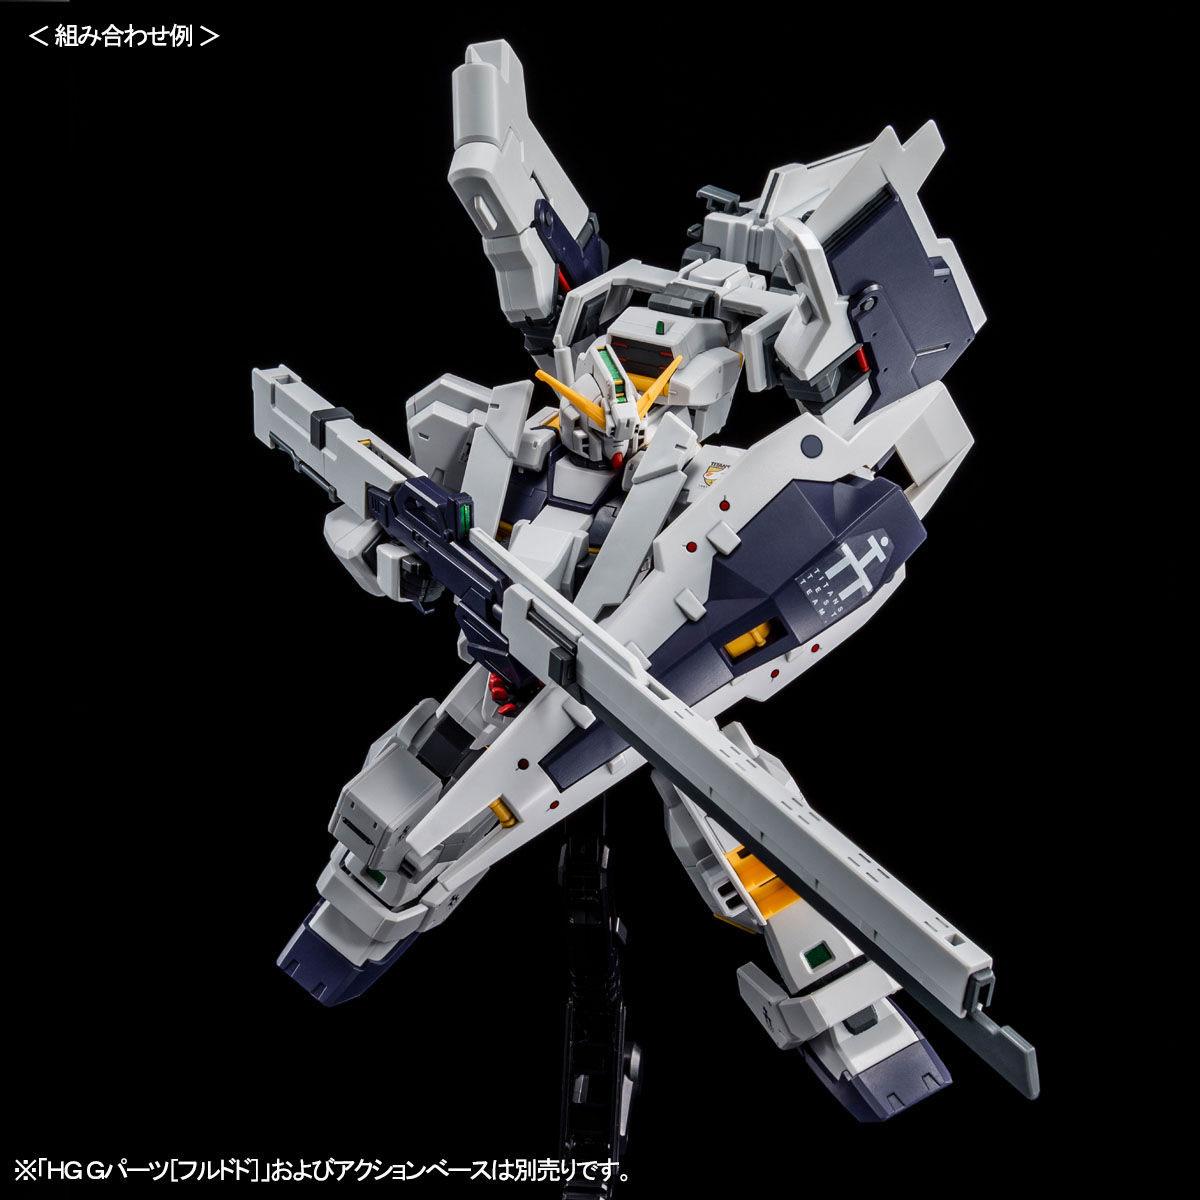 HG 1/144『ガンダムTR-1[ヘイズル改]&ガンダムTR-6用拡張パーツ』プラモデル-006